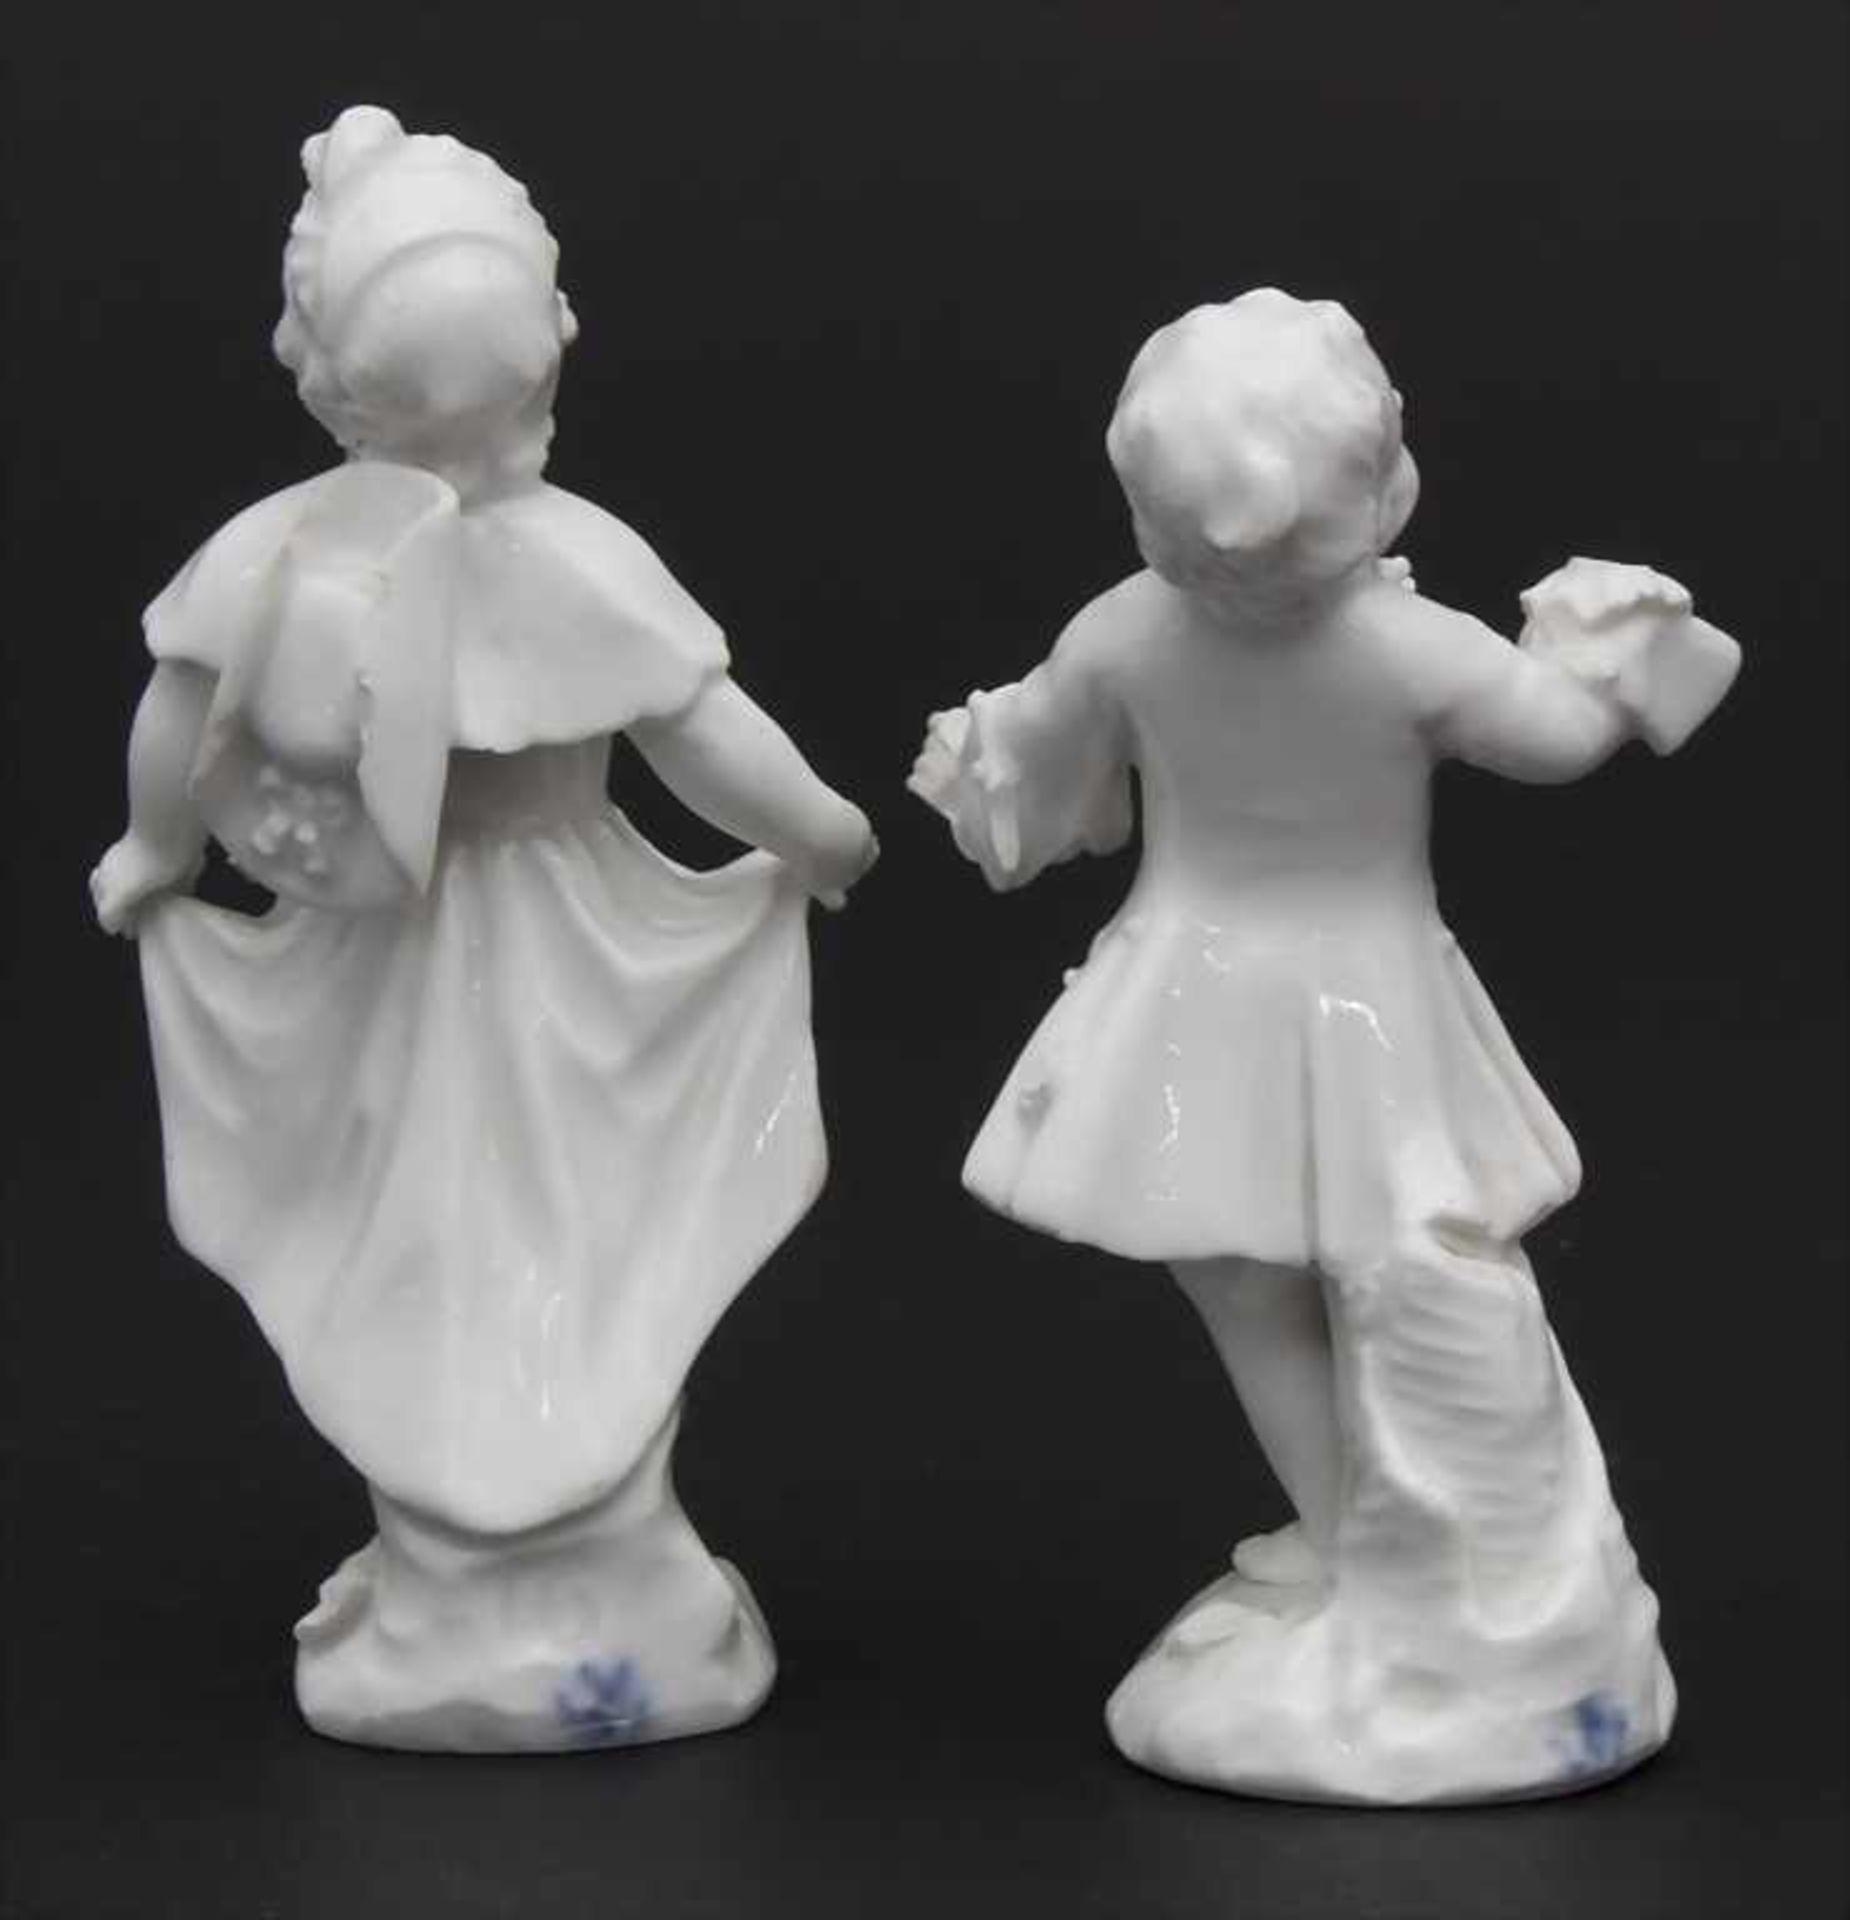 2 tanzende Kinder / A dancing boy and girl, wohl Michel Victor Acier, Meissen, um 1760 - Bild 2 aus 6